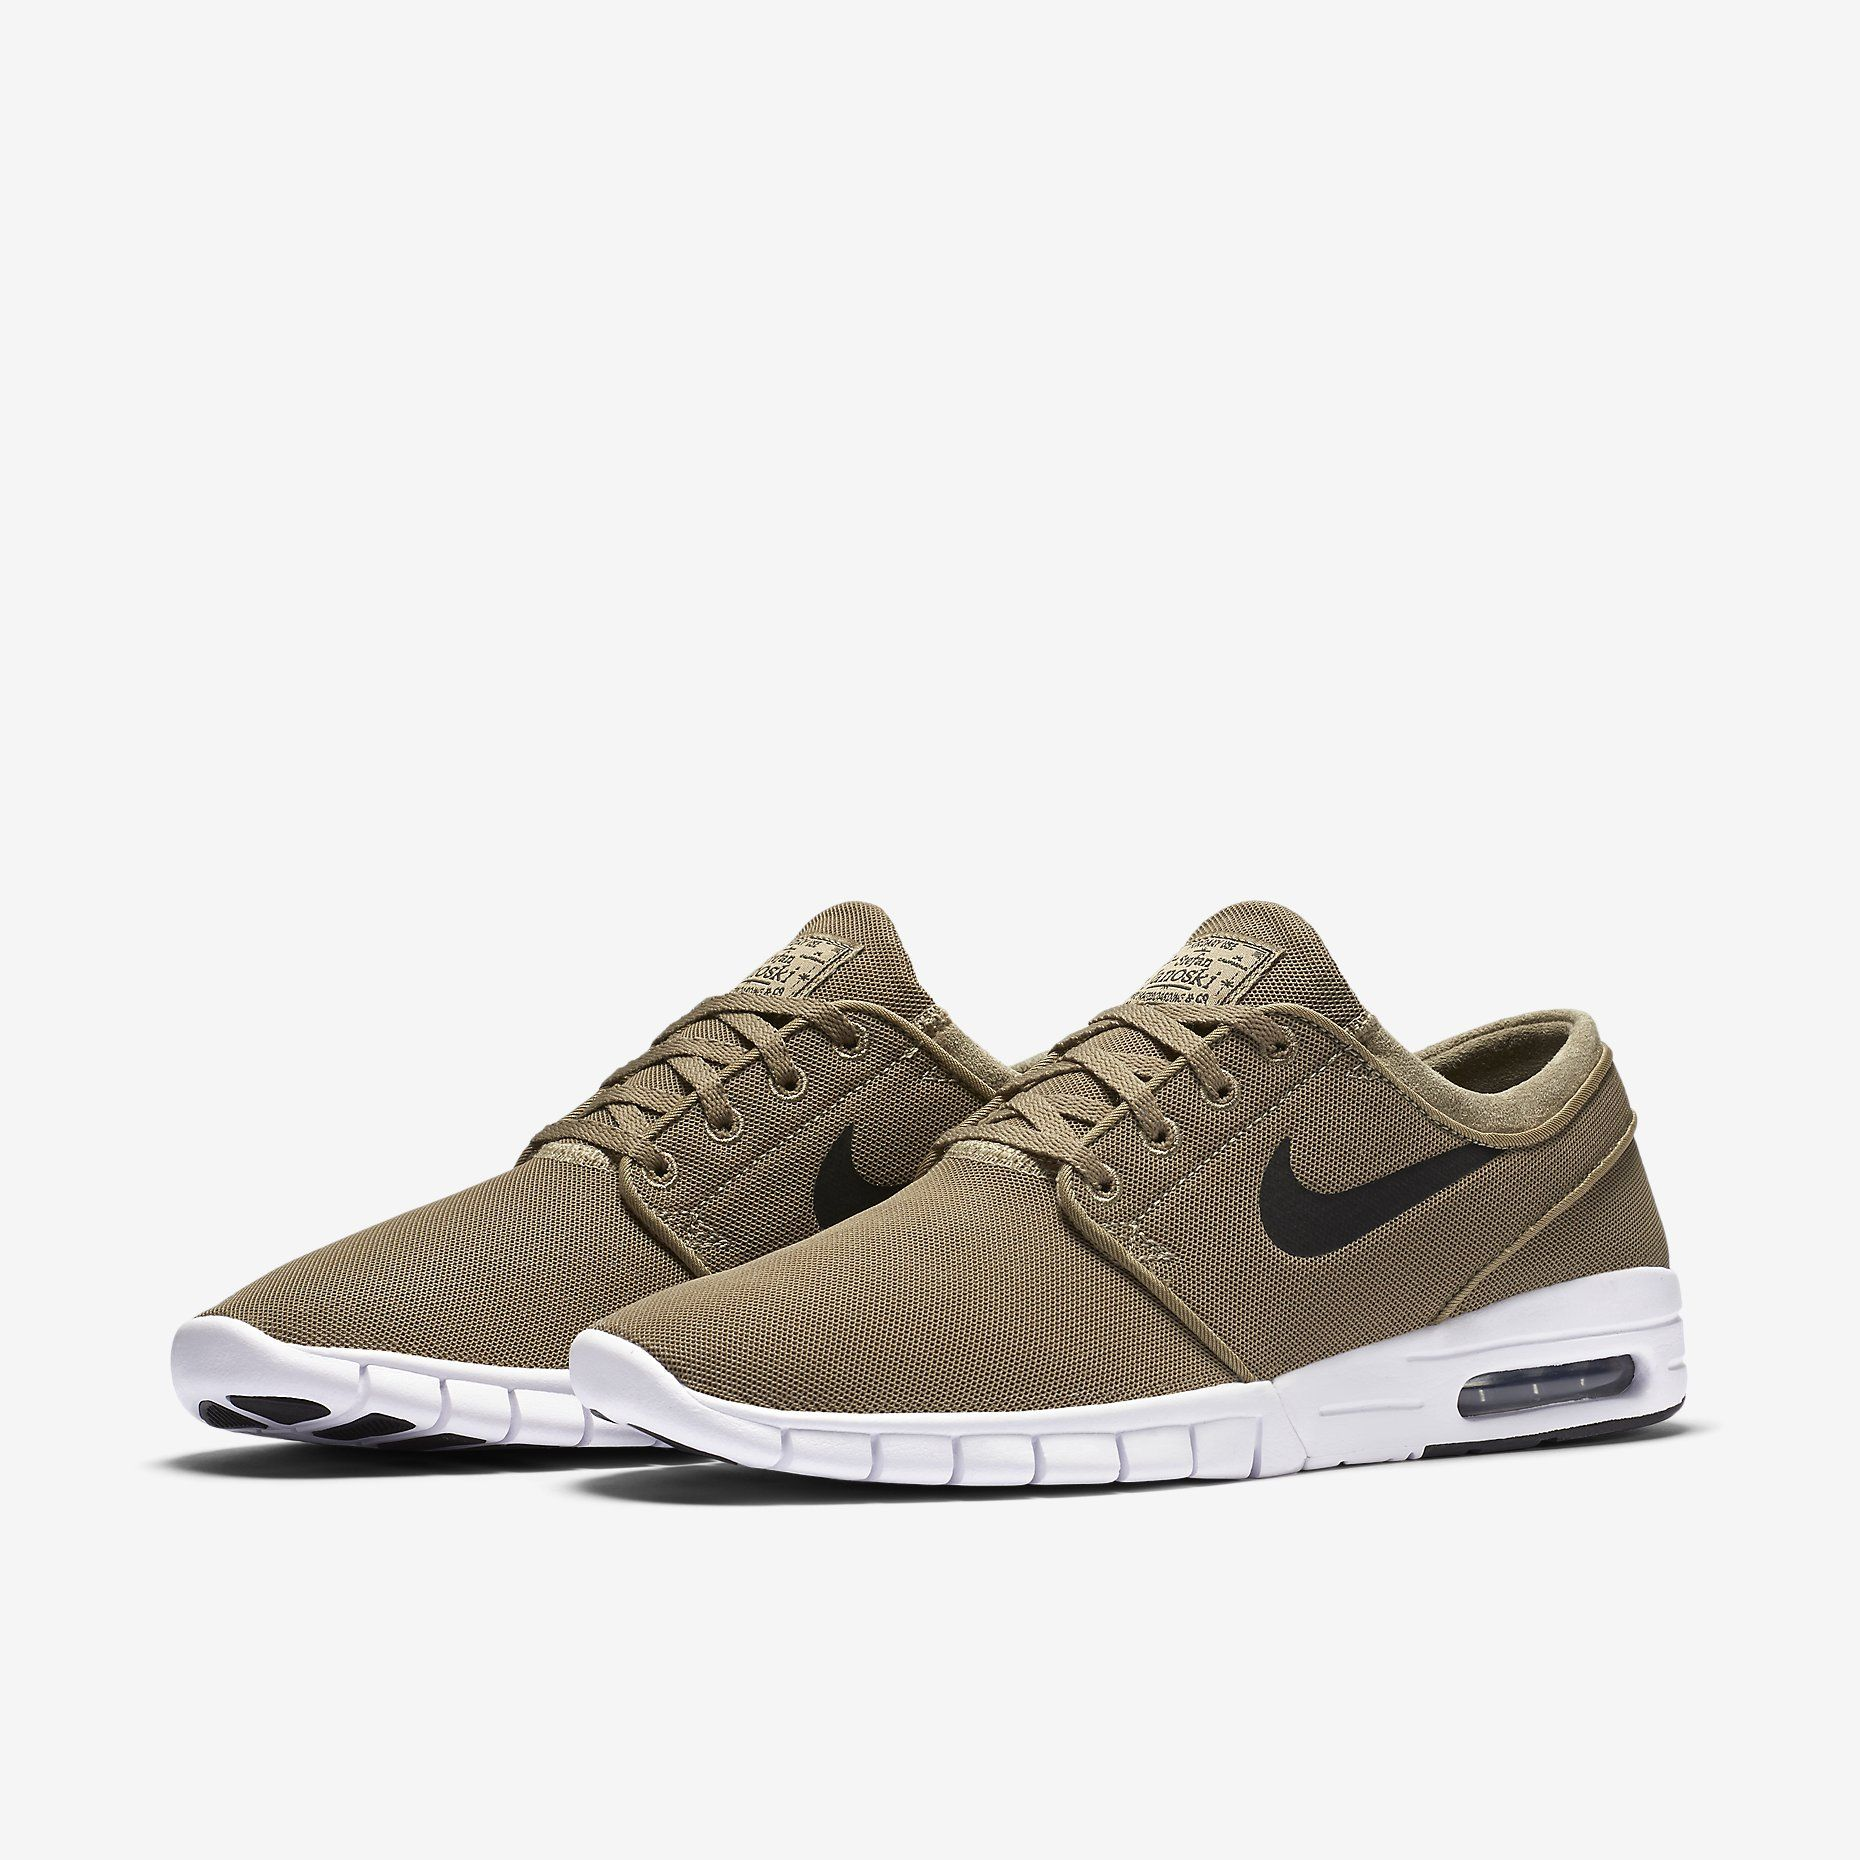 Zoek naar schoenen, kleding en uitrusting van Nike op www.nike.com · Nike  Tennis ShoesNike SneakersStefan JanoskiNike SbShoes MenSkateboardingUnisexGlass  ...